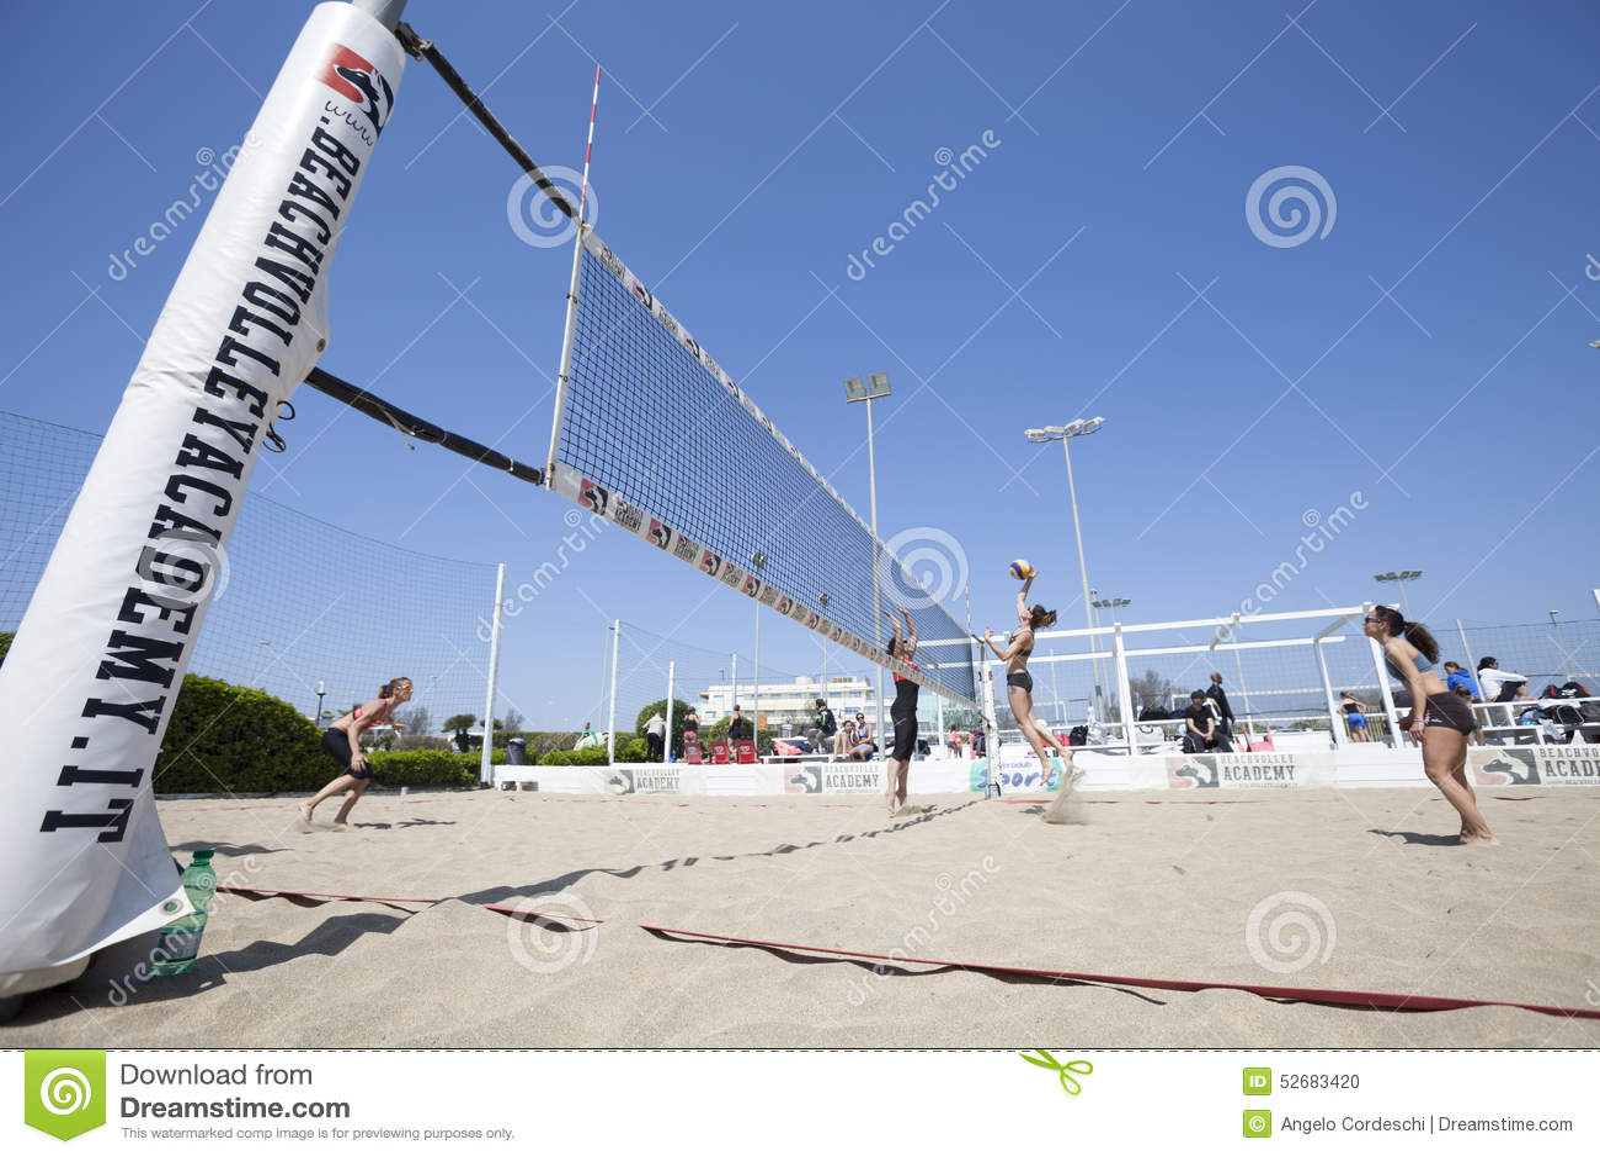 Mujeres Del Torneo Del Voleibol De Playa Ubicación: Ostia, Roma ...